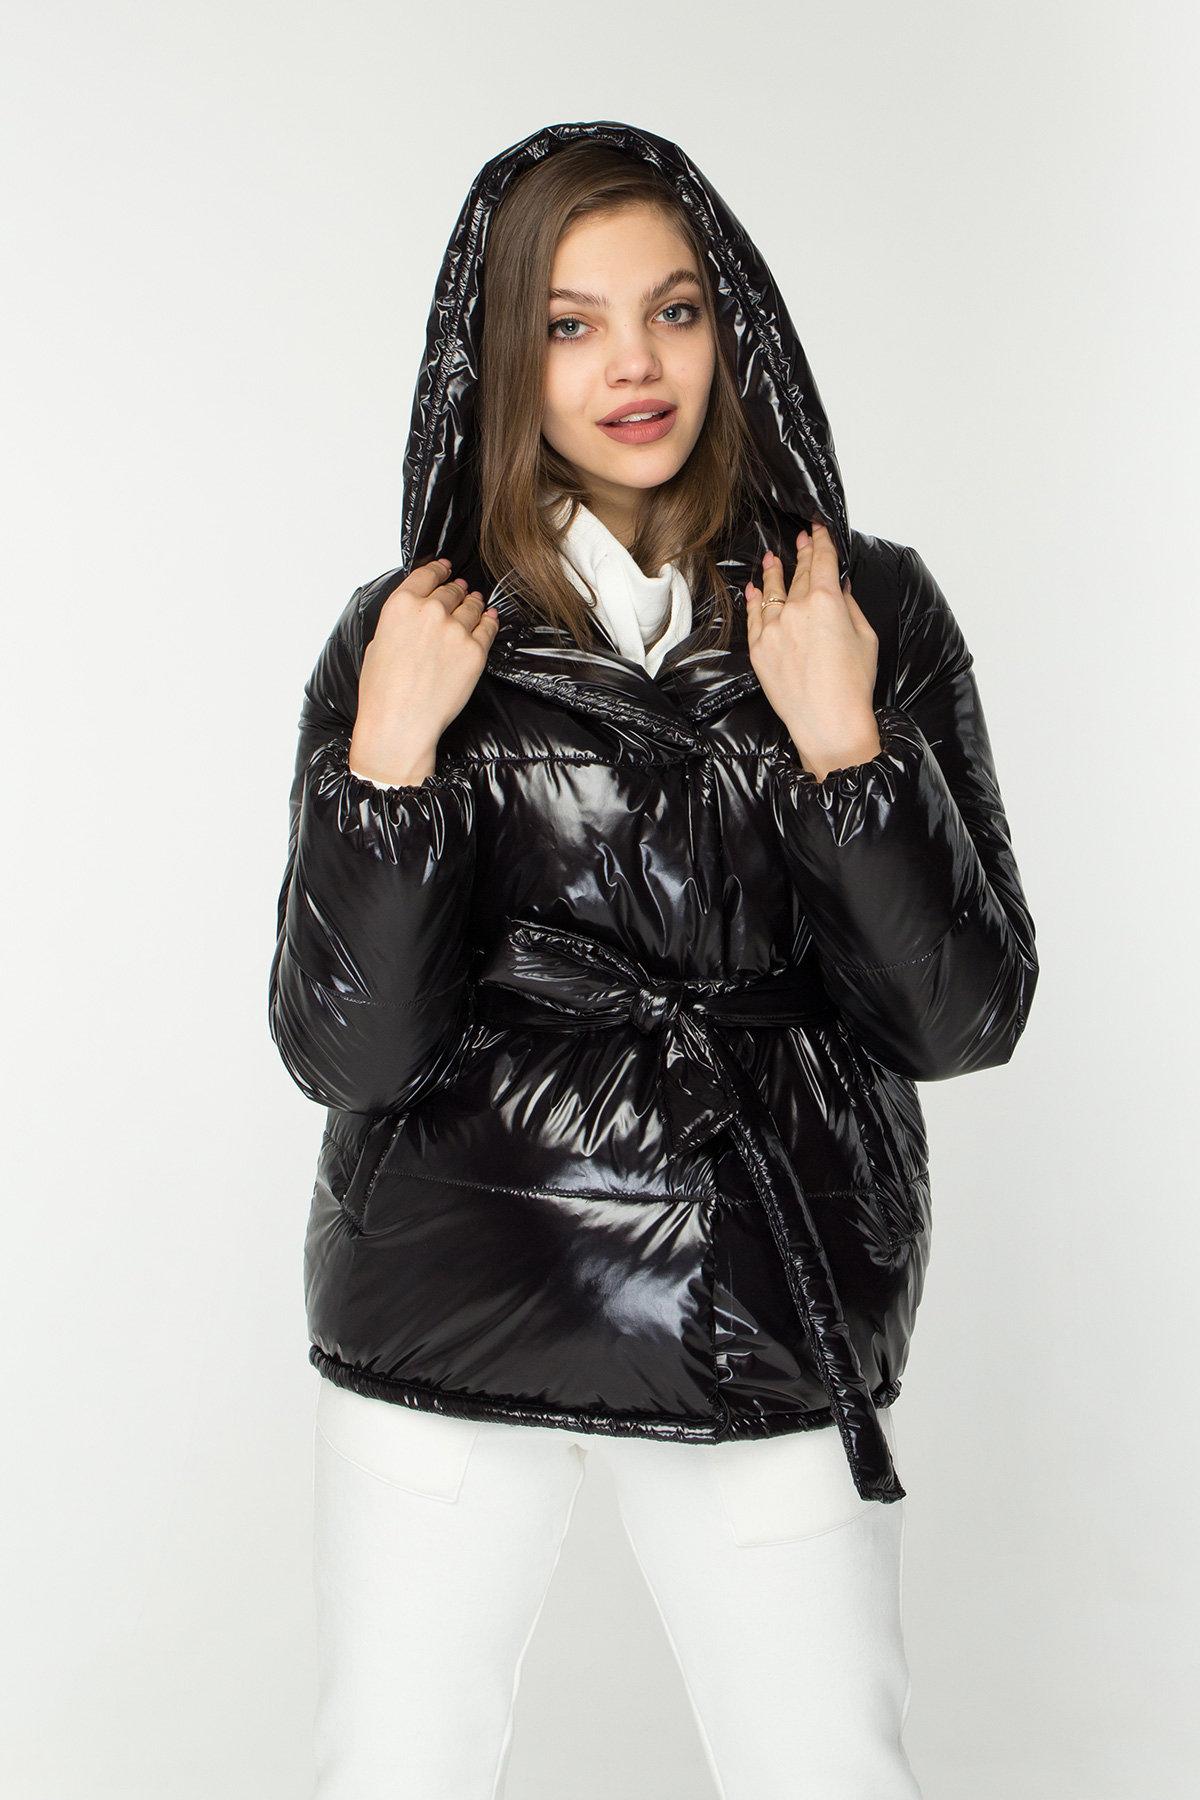 Лаковая куртка пуховик с поясом Бумер 8696 АРТ. 45155 Цвет: Черный - фото 5, интернет магазин tm-modus.ru